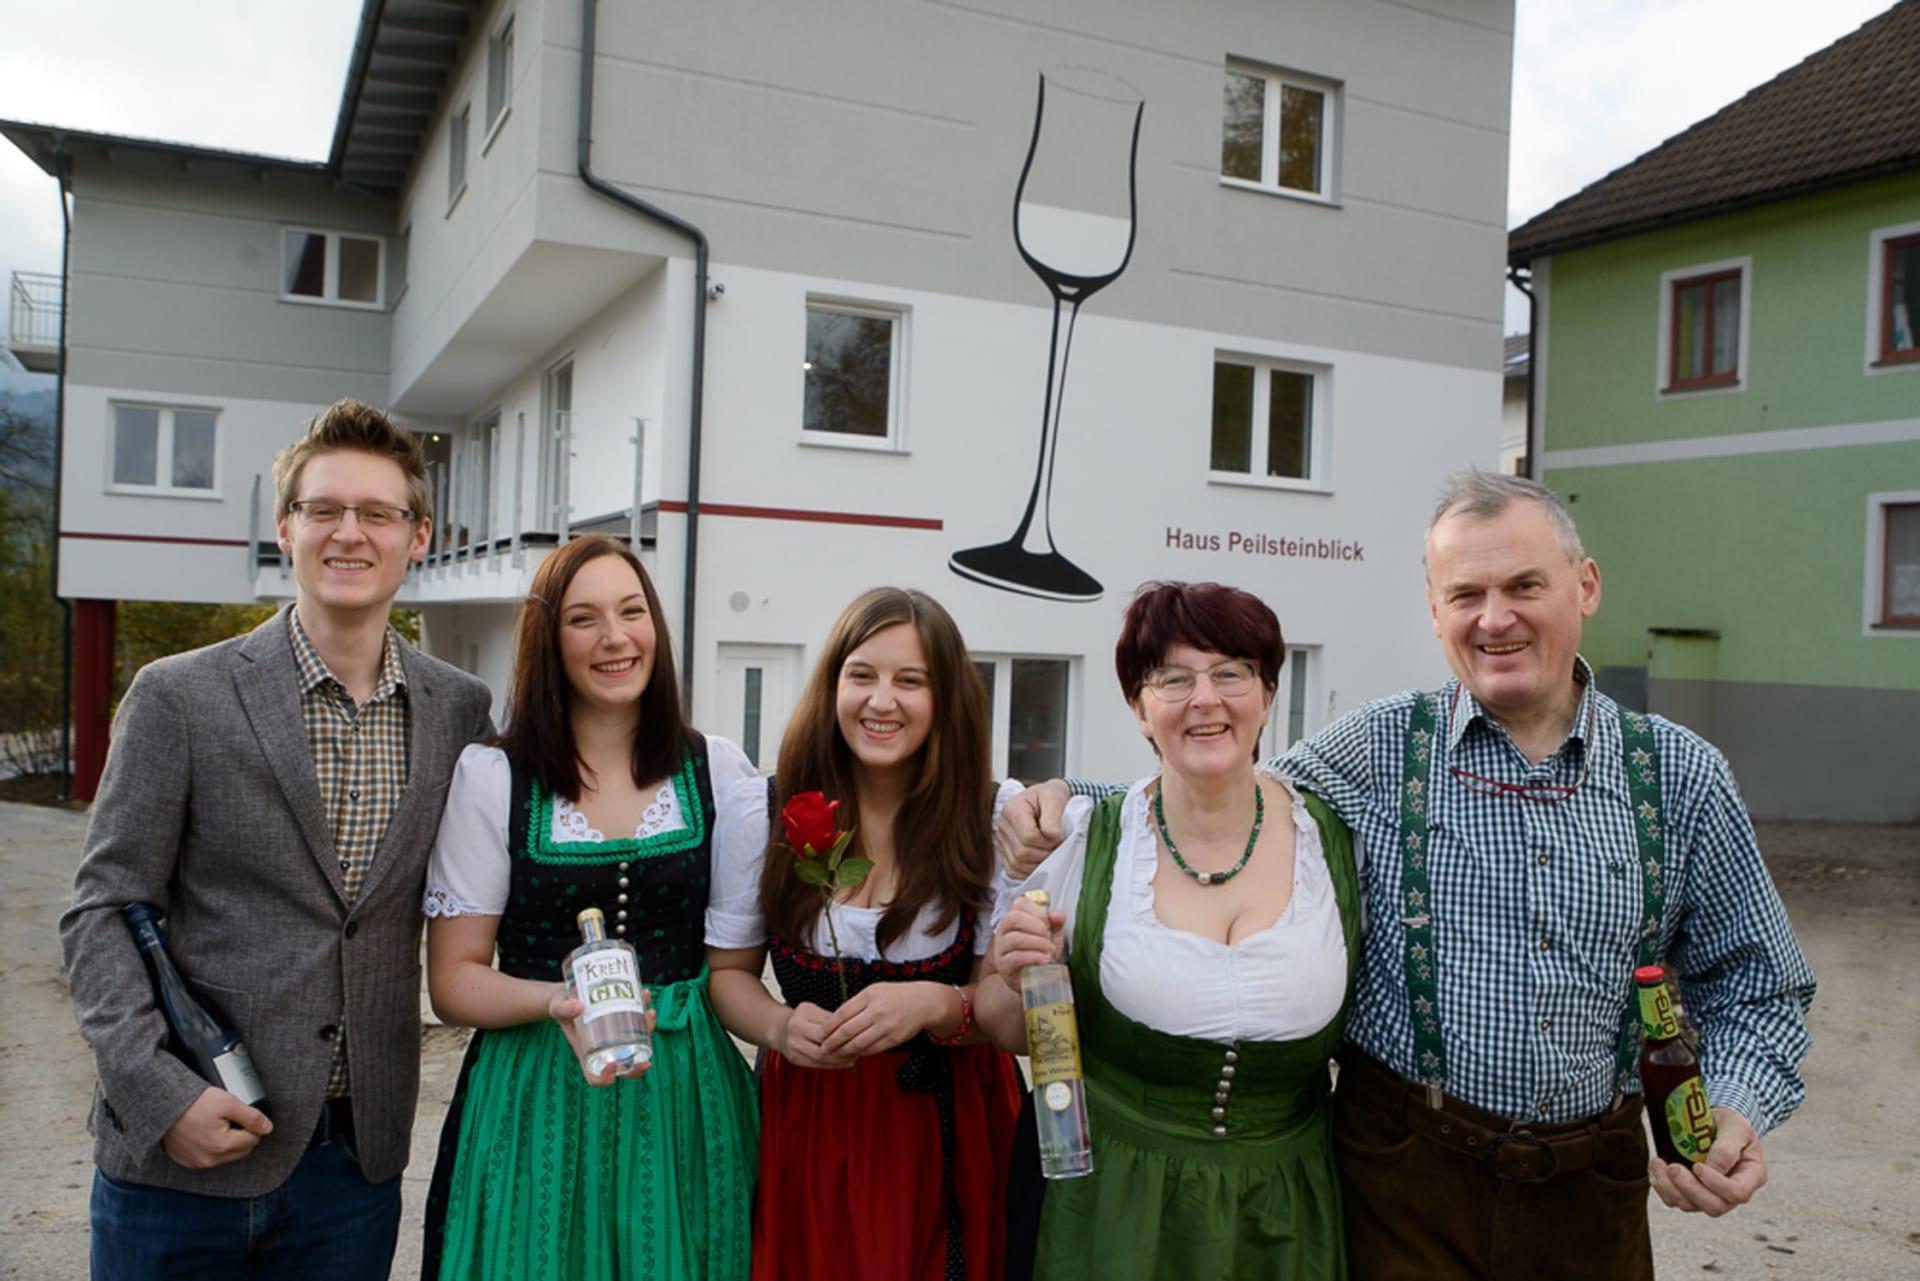 Familie vor Haus Peilstein